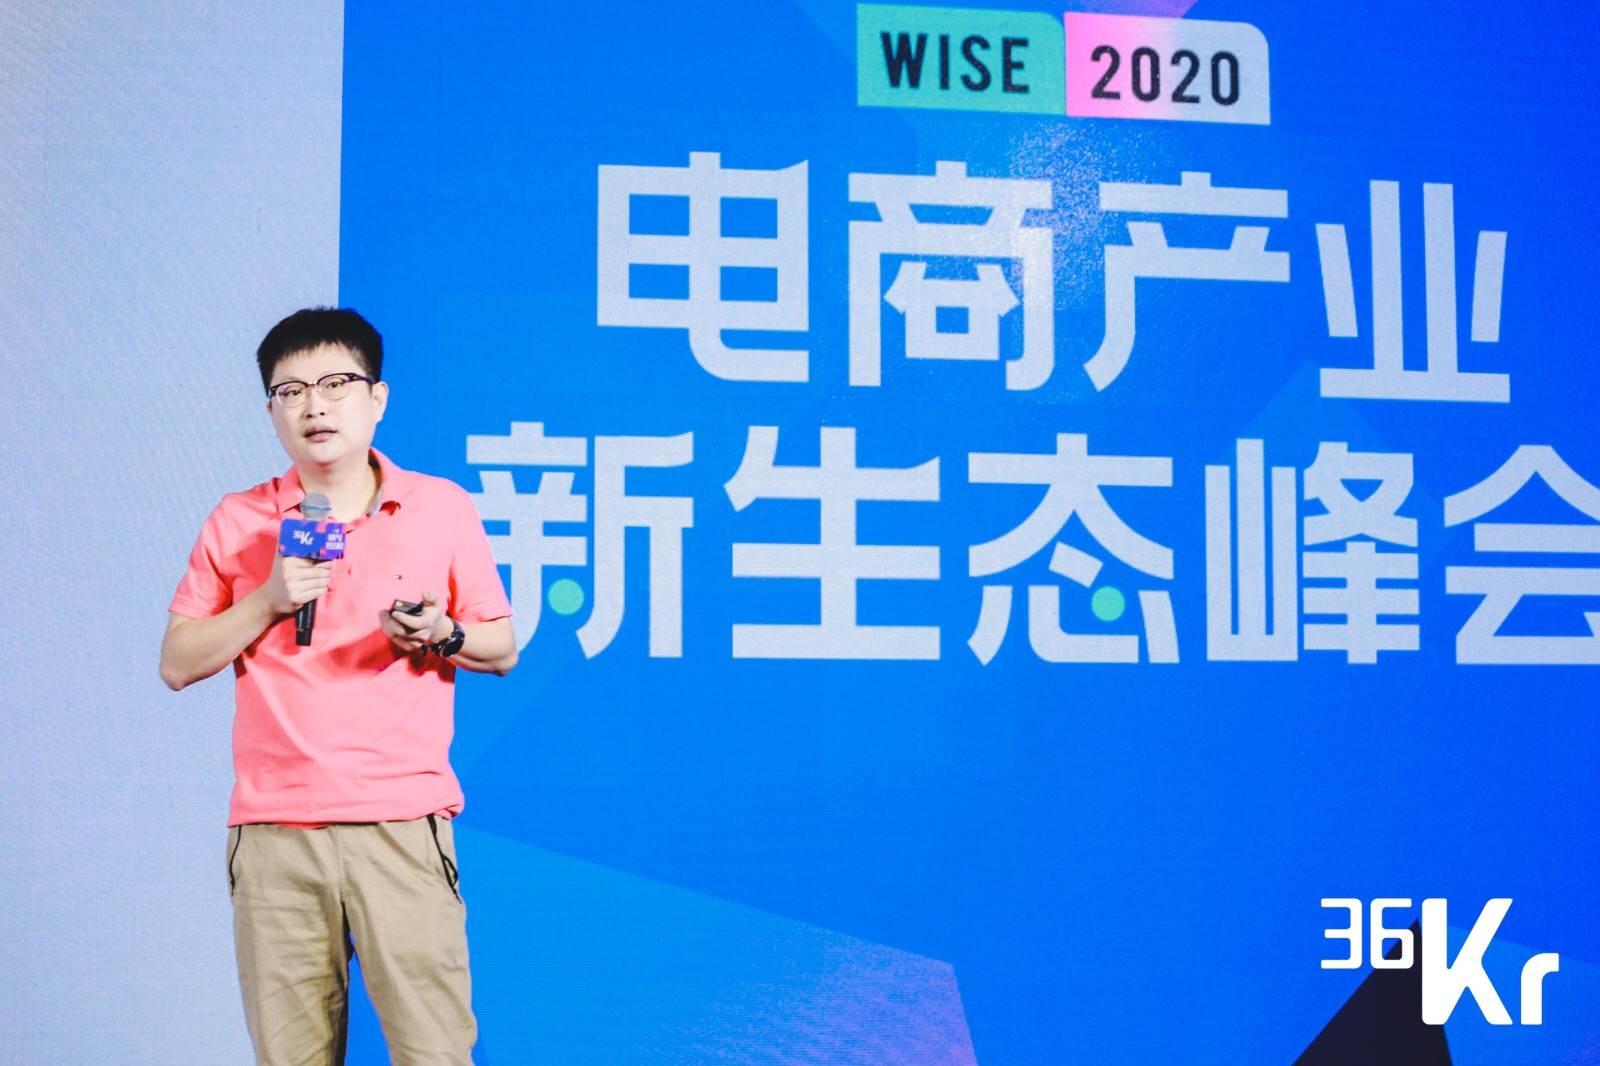 网易严选CMO 吴迪裴:「经济内循环」背景下,新消费品牌如何起势 | WISE2020电商